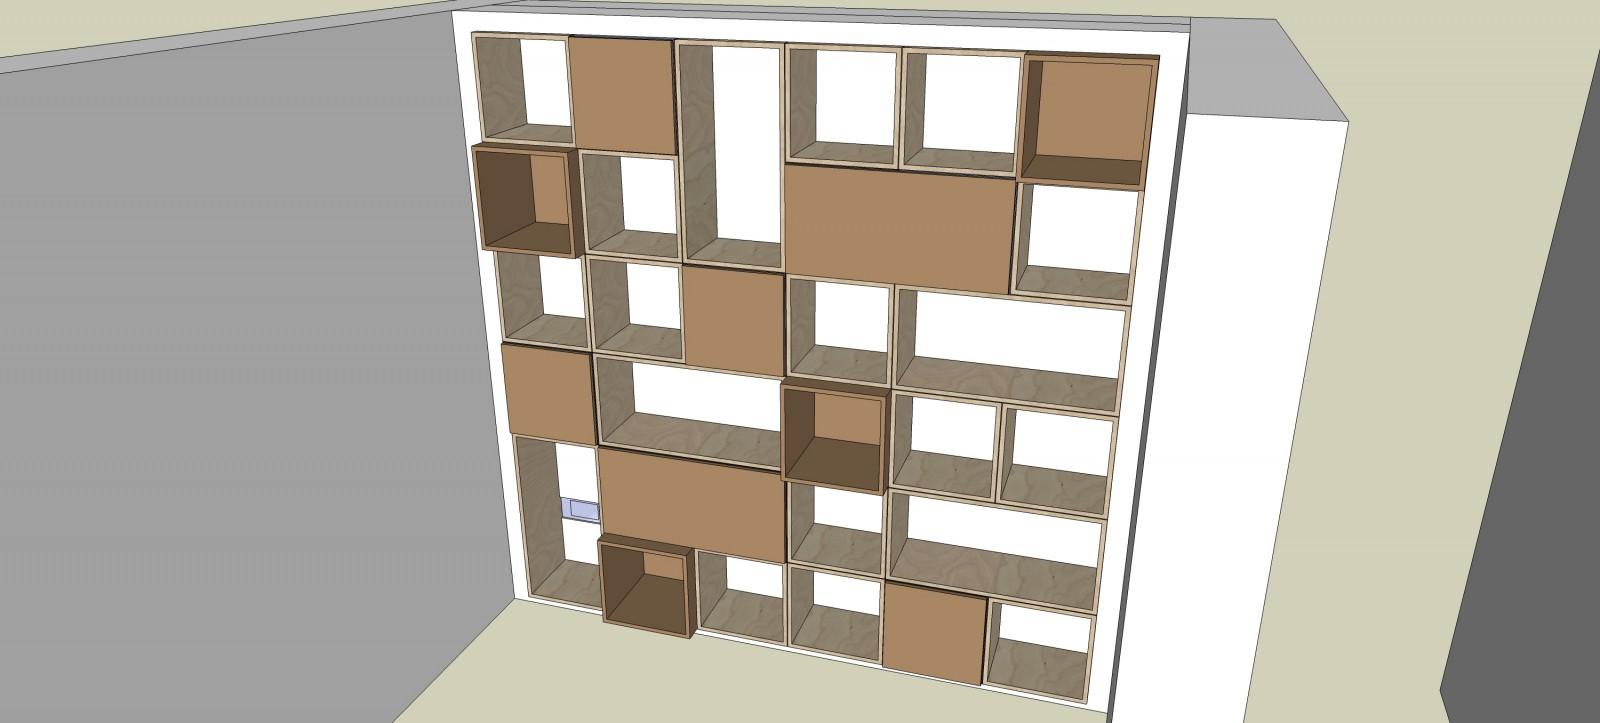 kubuskast ontwerp Deuvel Design